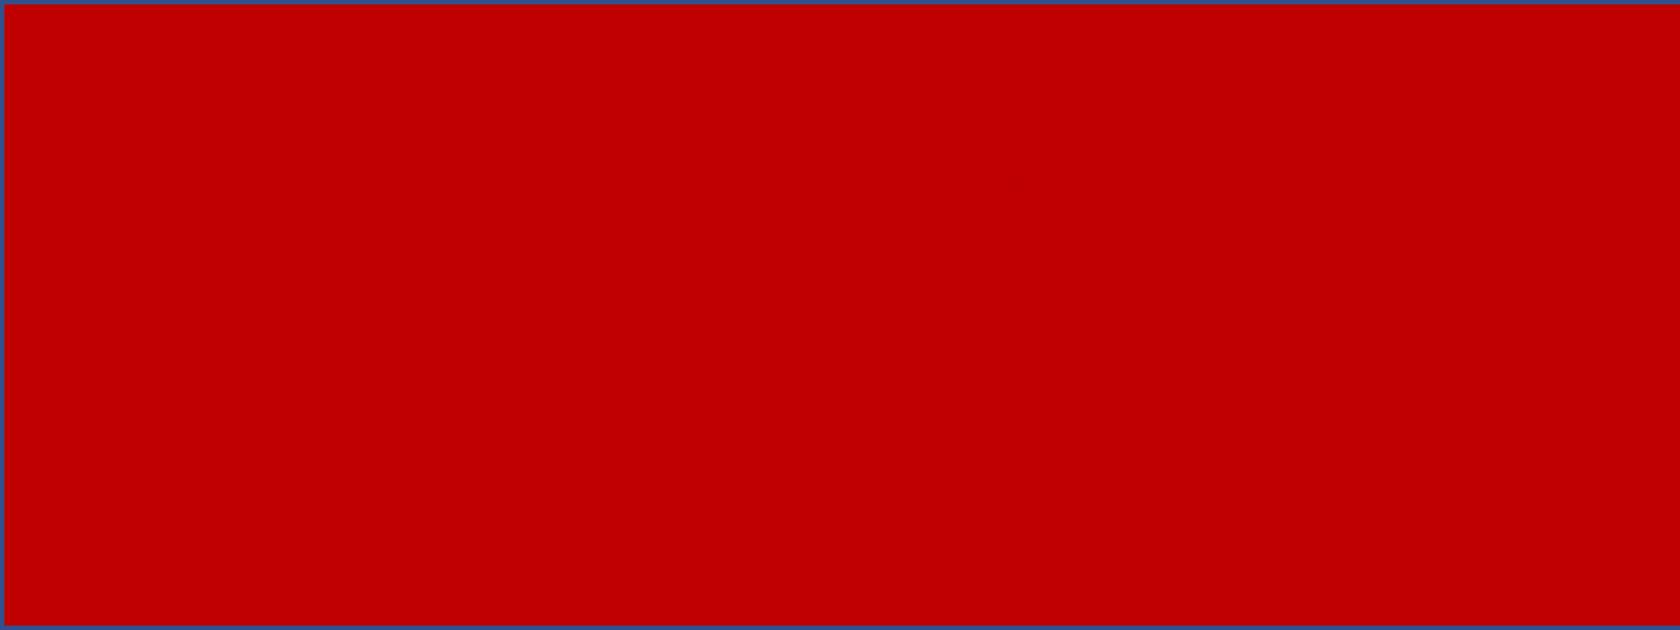 Default header image